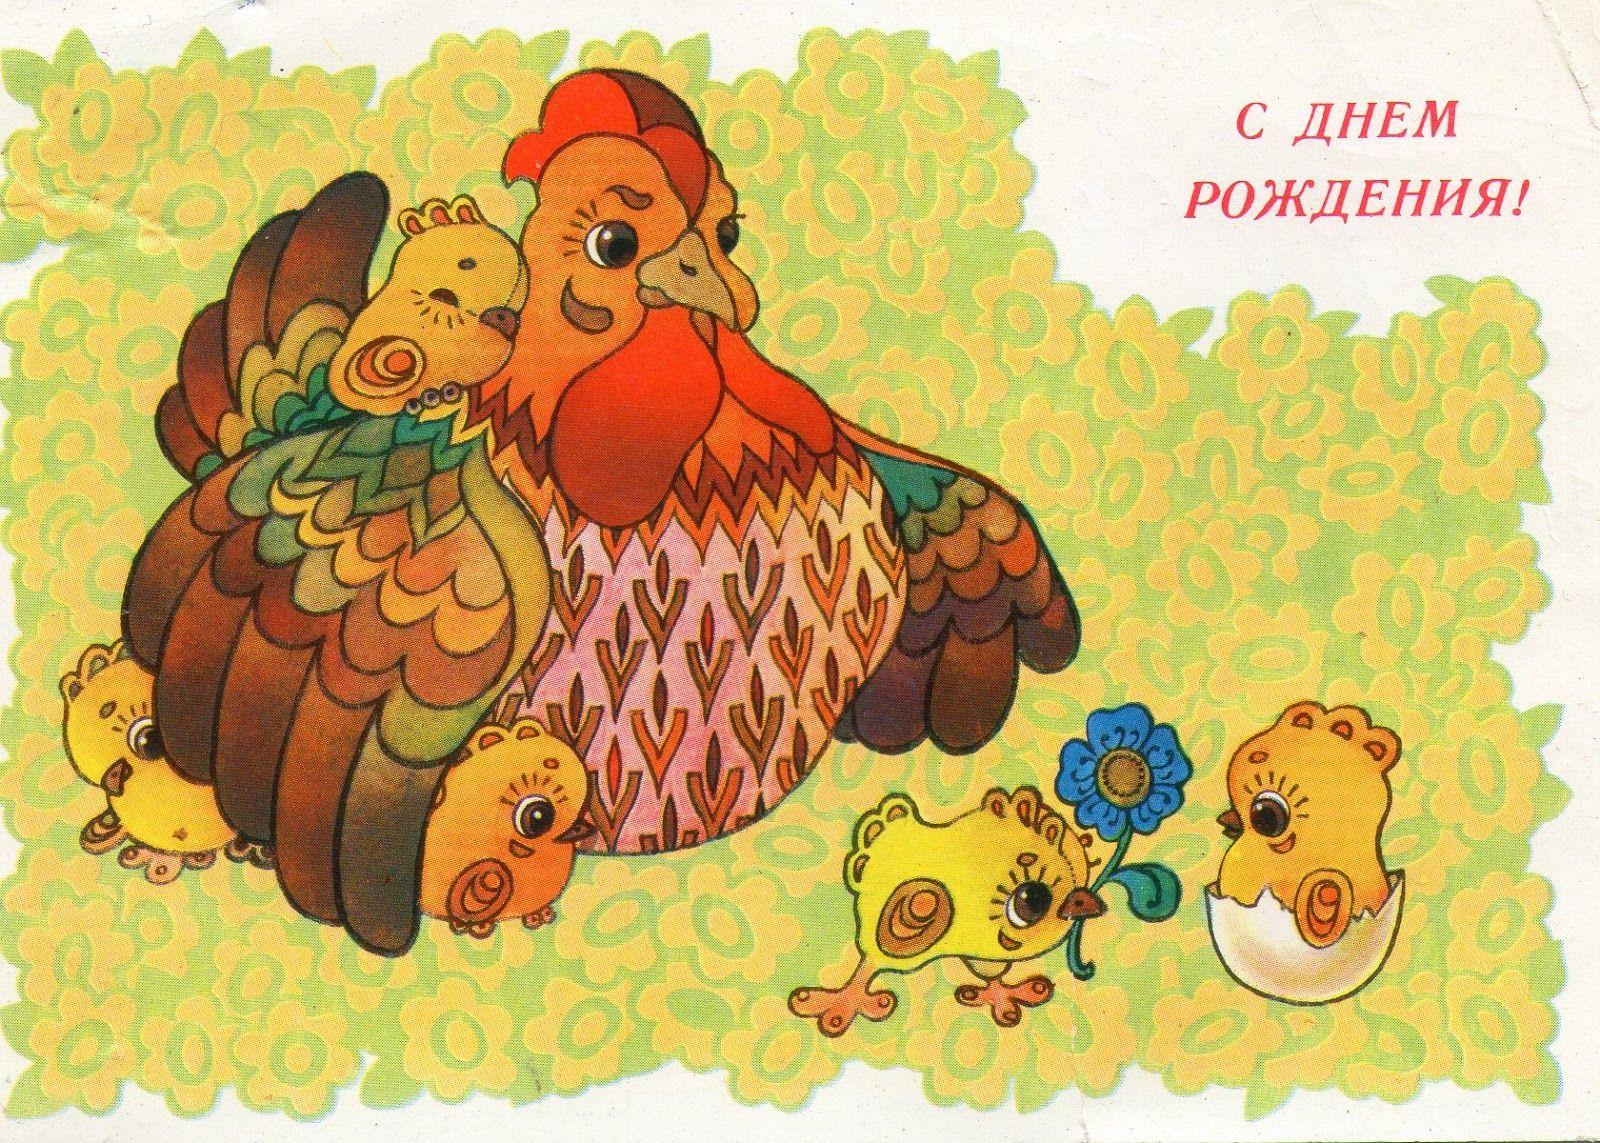 Сказочные открытки с днём рождения